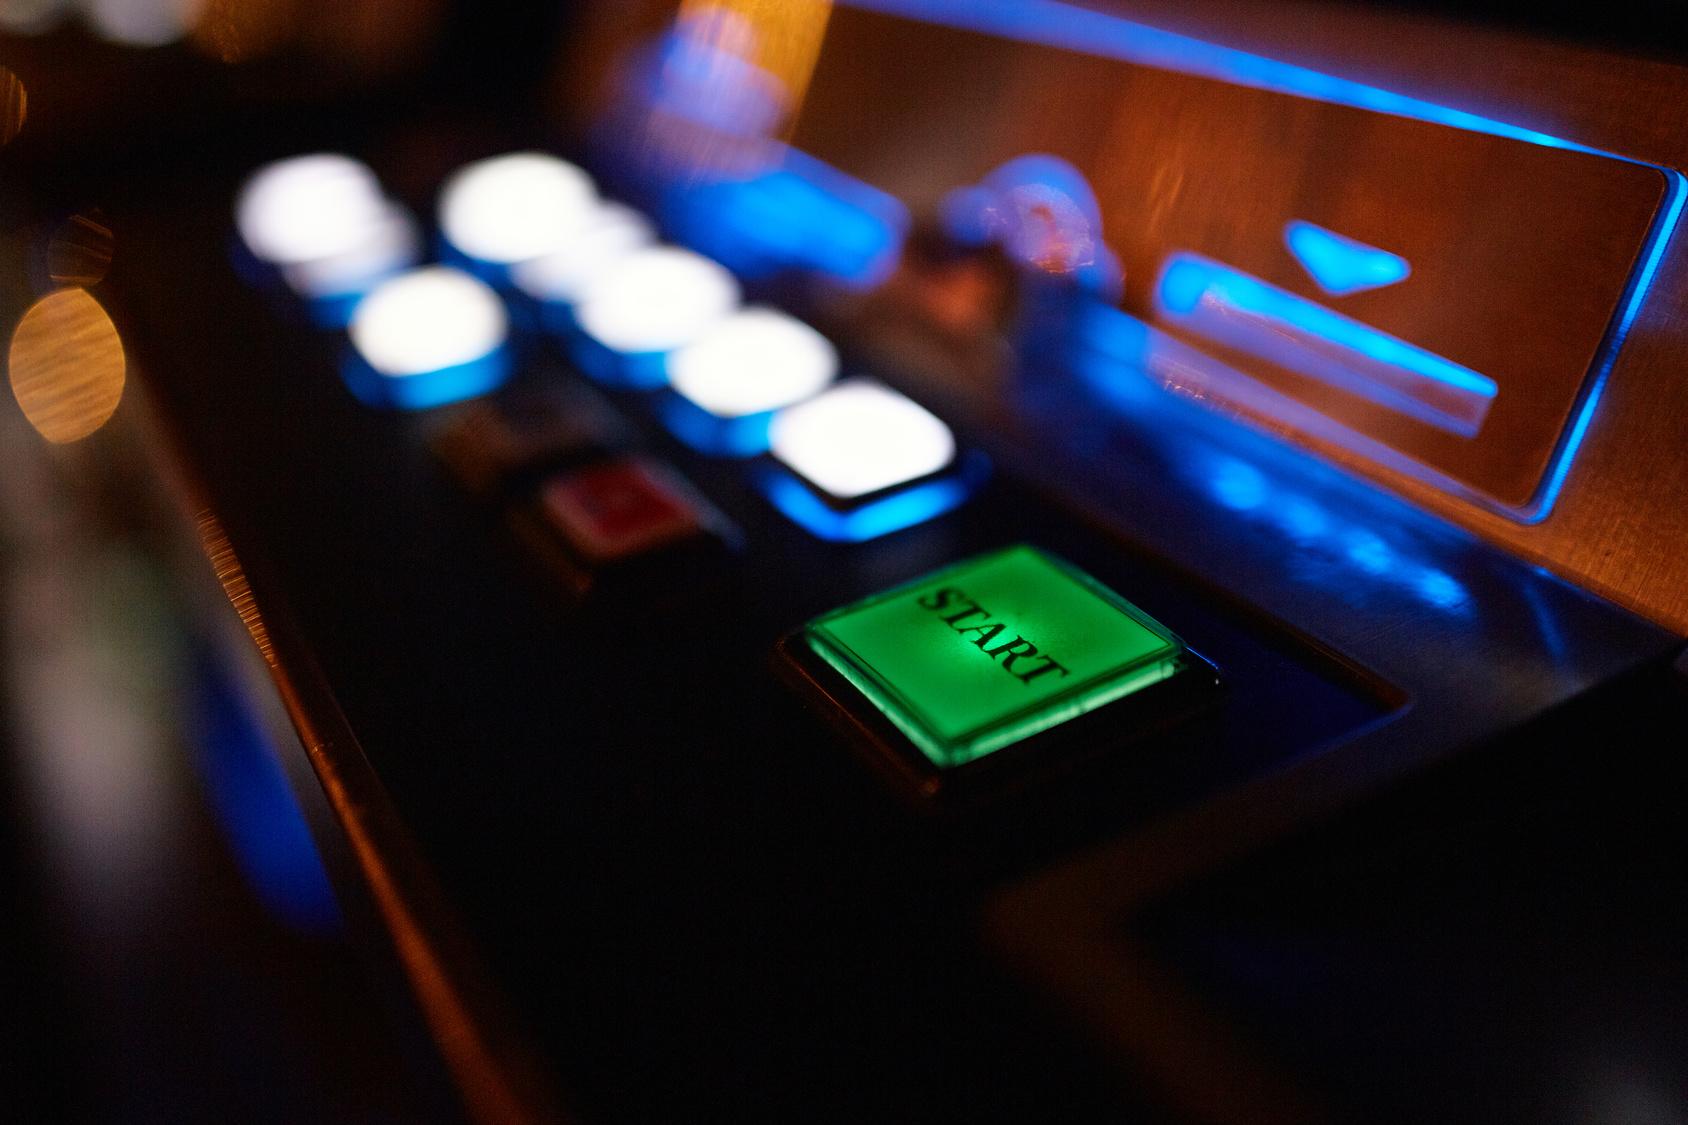 Idn mobile poker